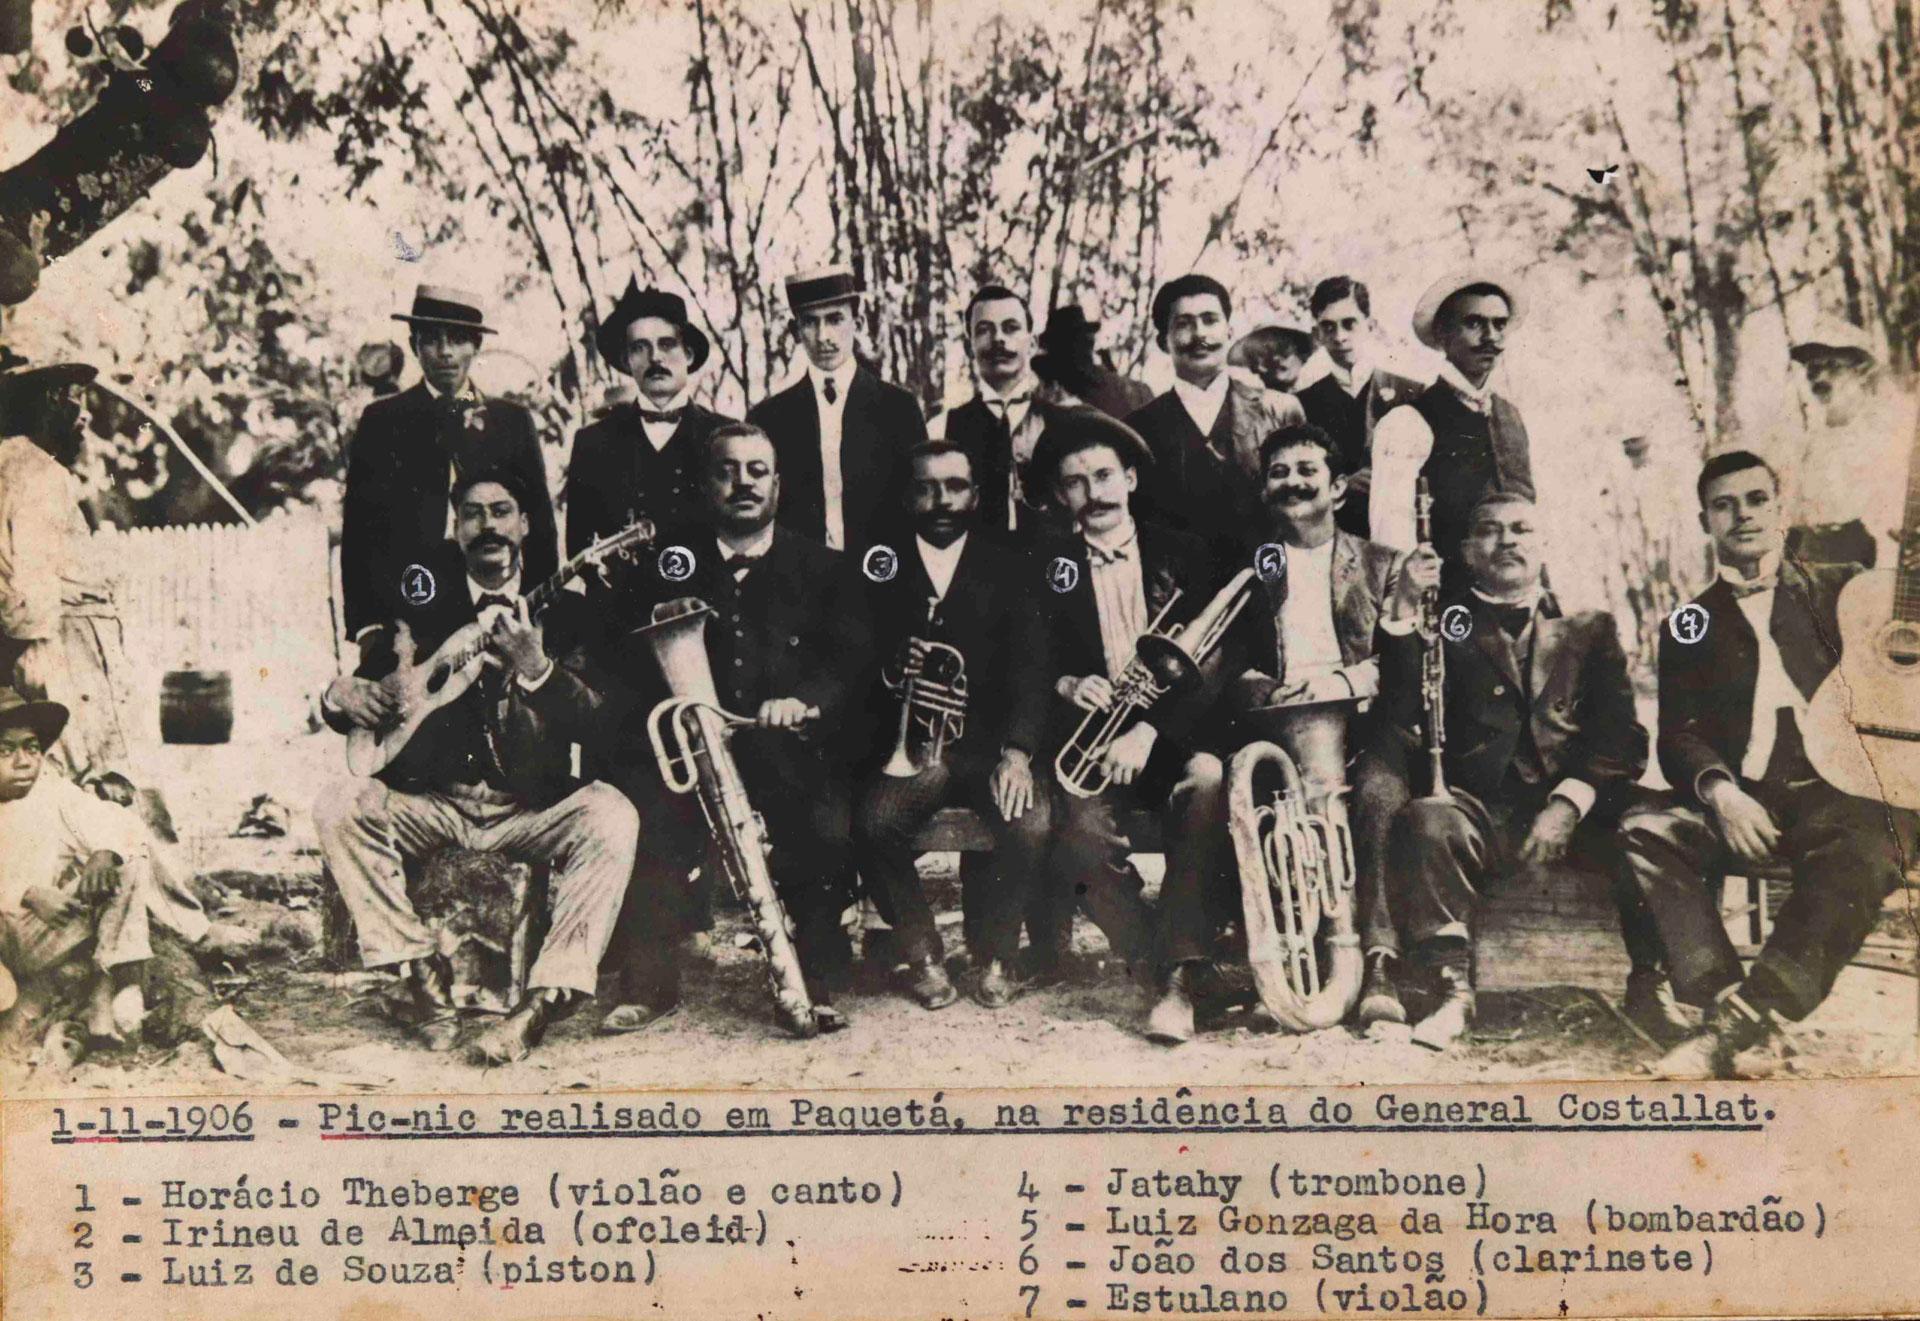 Grupo de chorões. Piquenique na residência do General Costallat, em Paquetá, Rio de Janeiro, 1º/11/1906 (MIS_JBandolim_002 / Acervo Jacob do Bandolim / MIS-RJ)